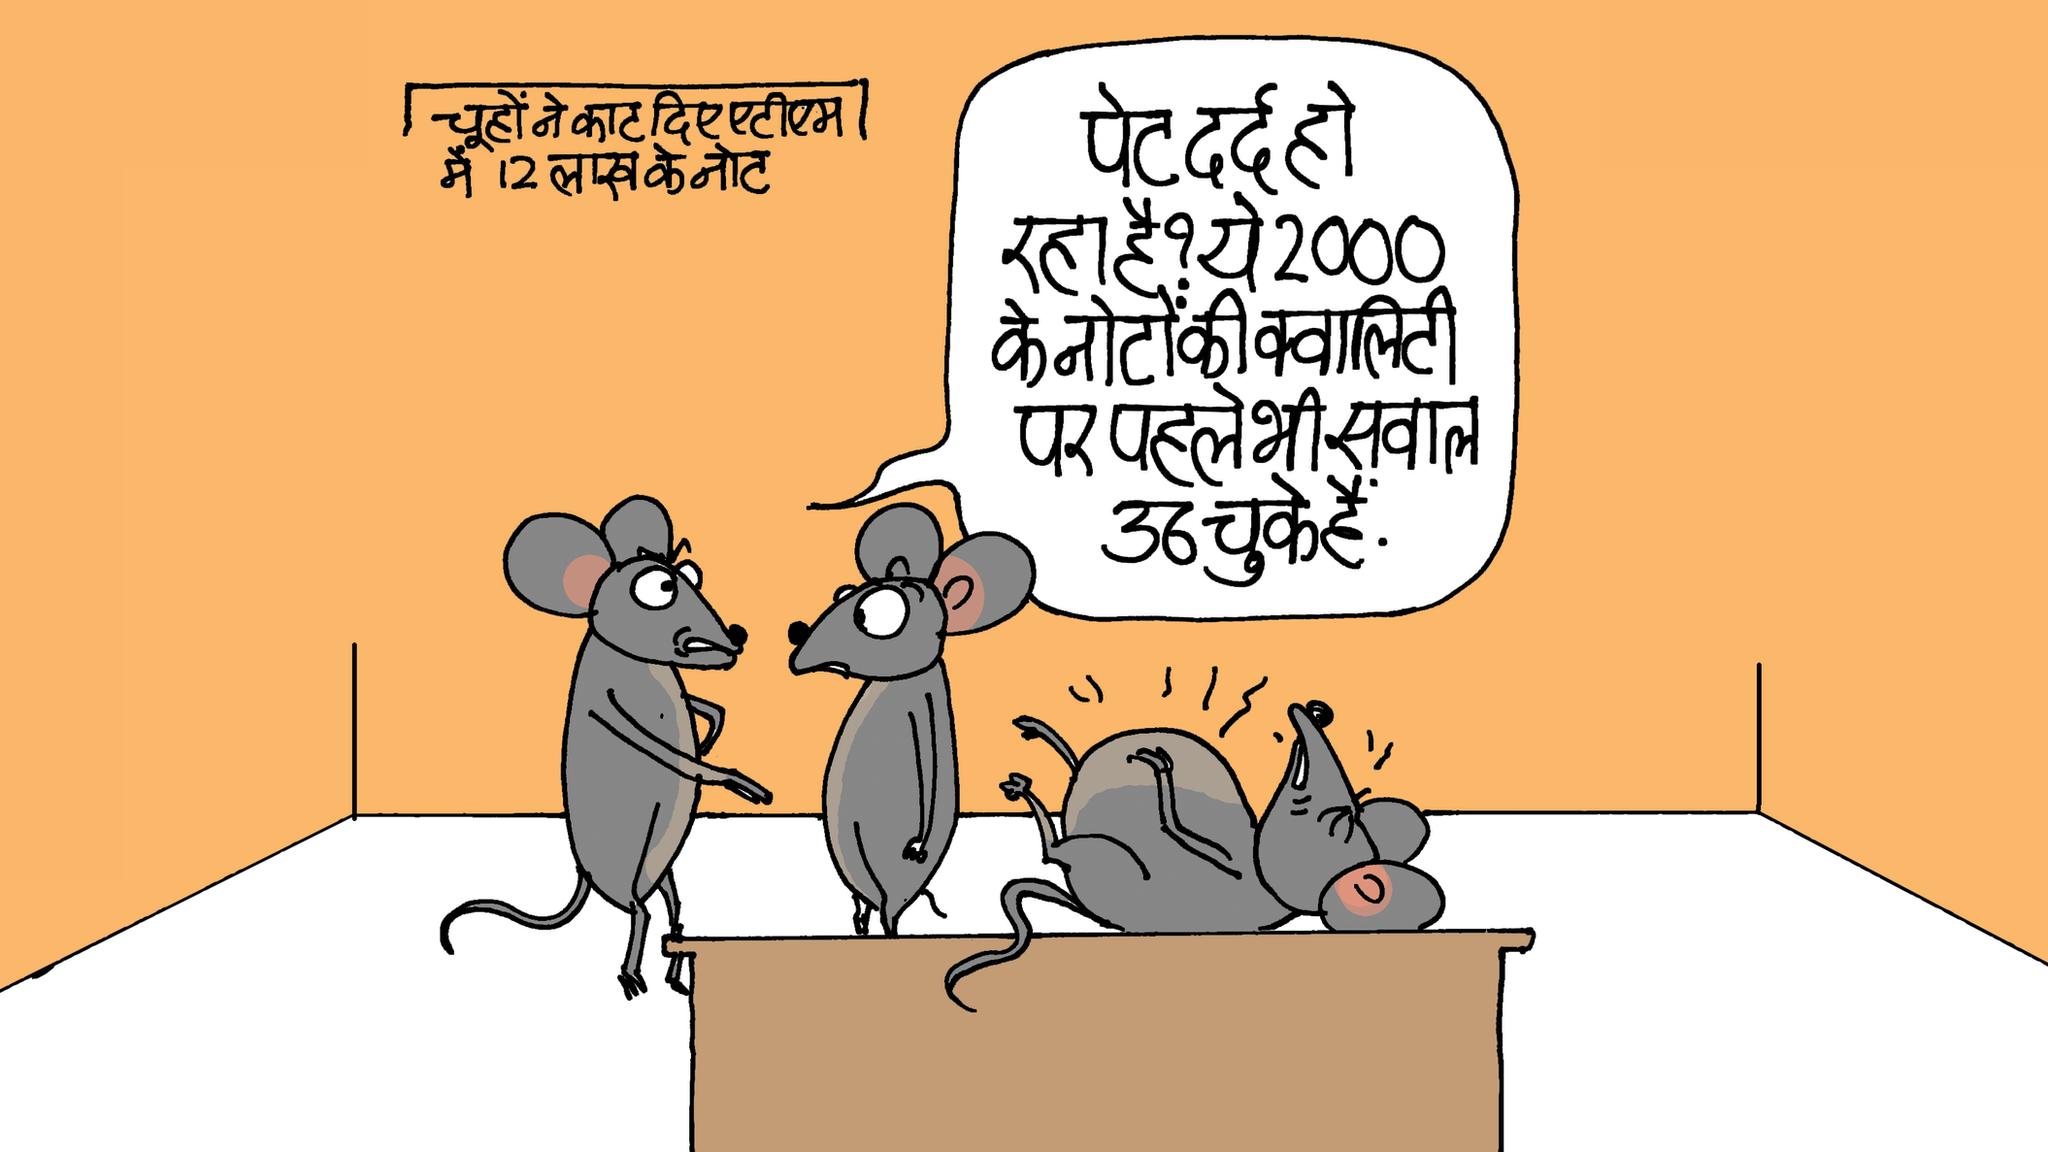 कार्टून: और खाओ दो हज़ार के नोट